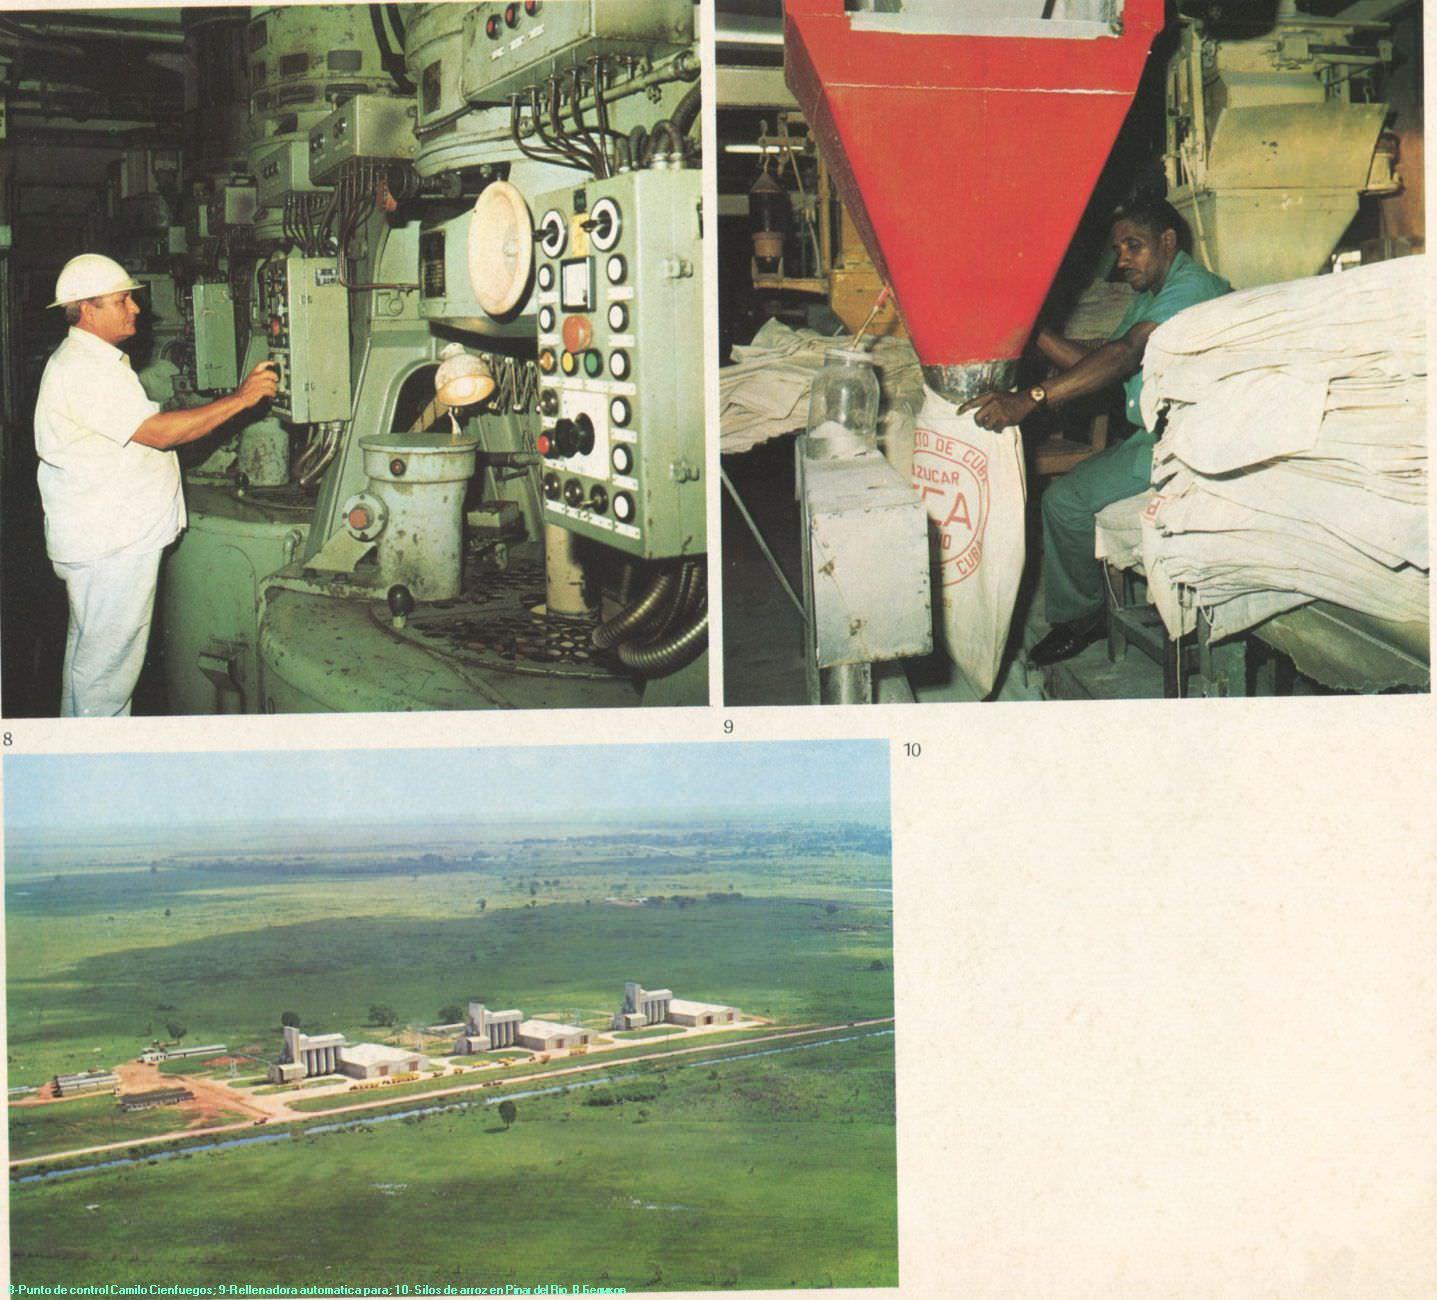 008. Punto de control Camilo Cienfuegos; 9. Rellenadora automatica para; 10. Silos de arroz en Pinar del Rio.